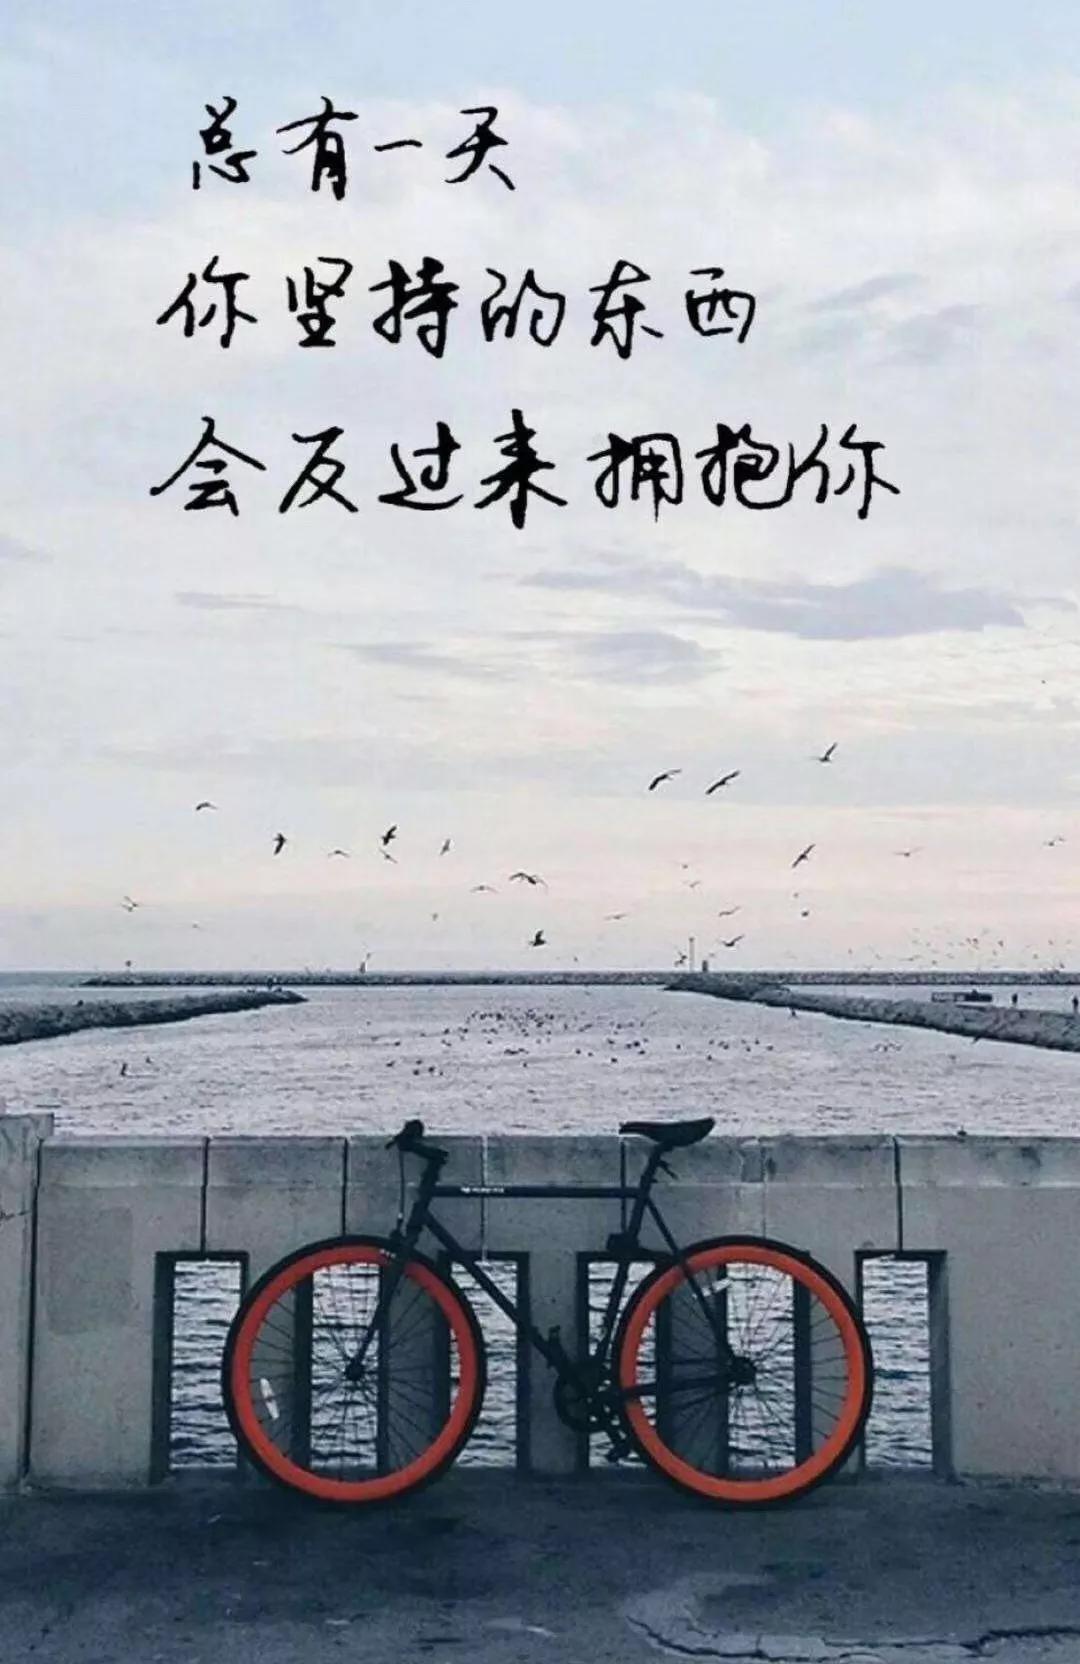 世界很小,请带着梦想一起奔跑;世界很大,请带着坚持努力成长